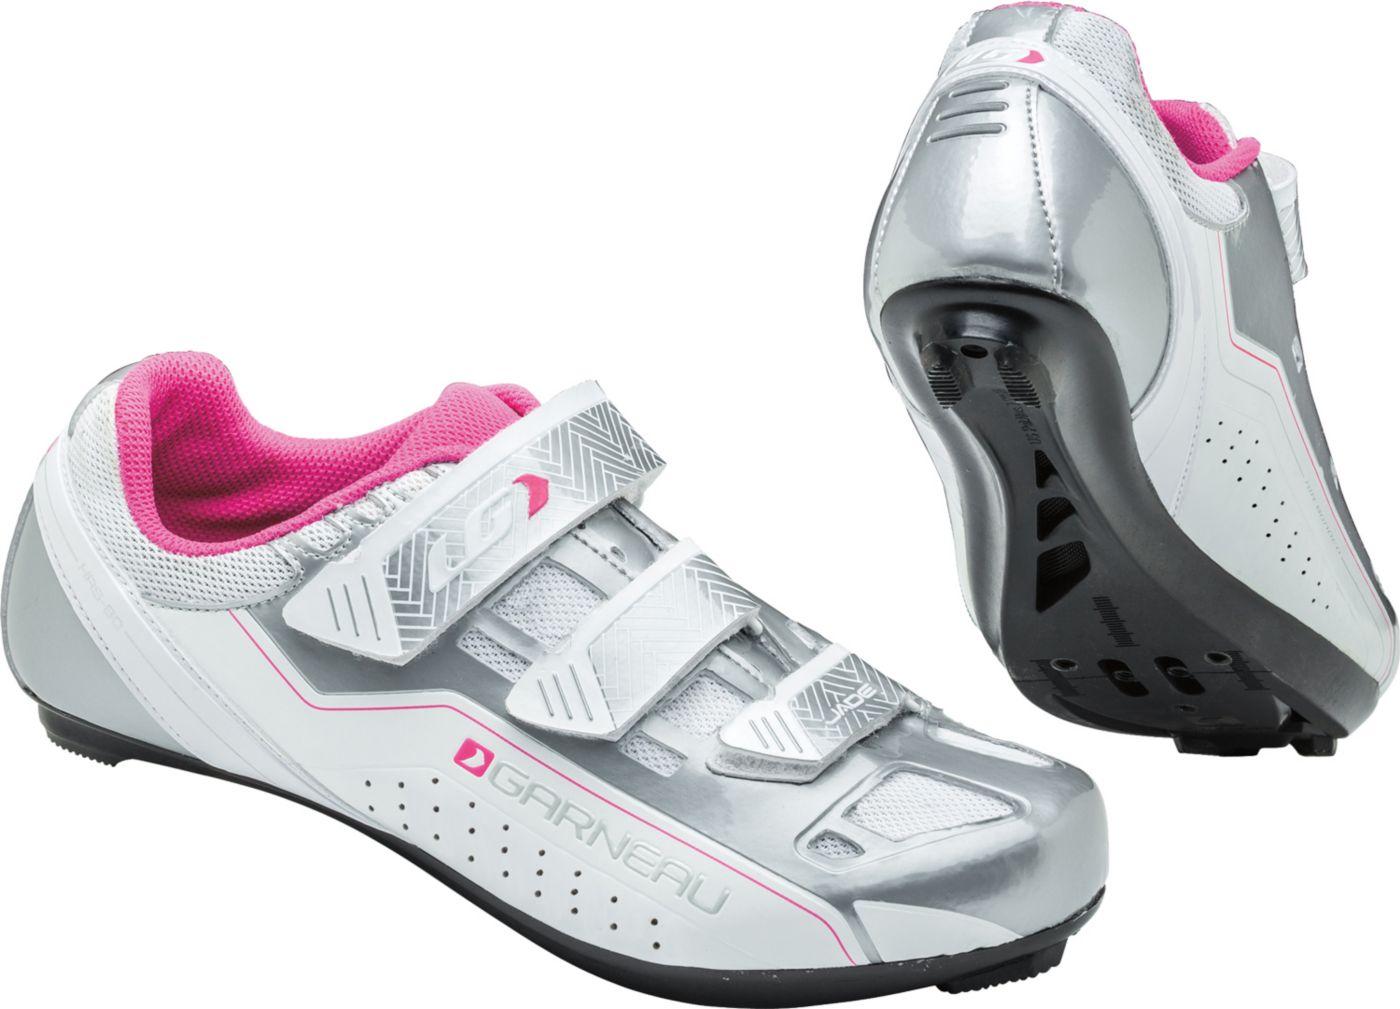 Louis Garneau Women's Jade Cycling Shoes